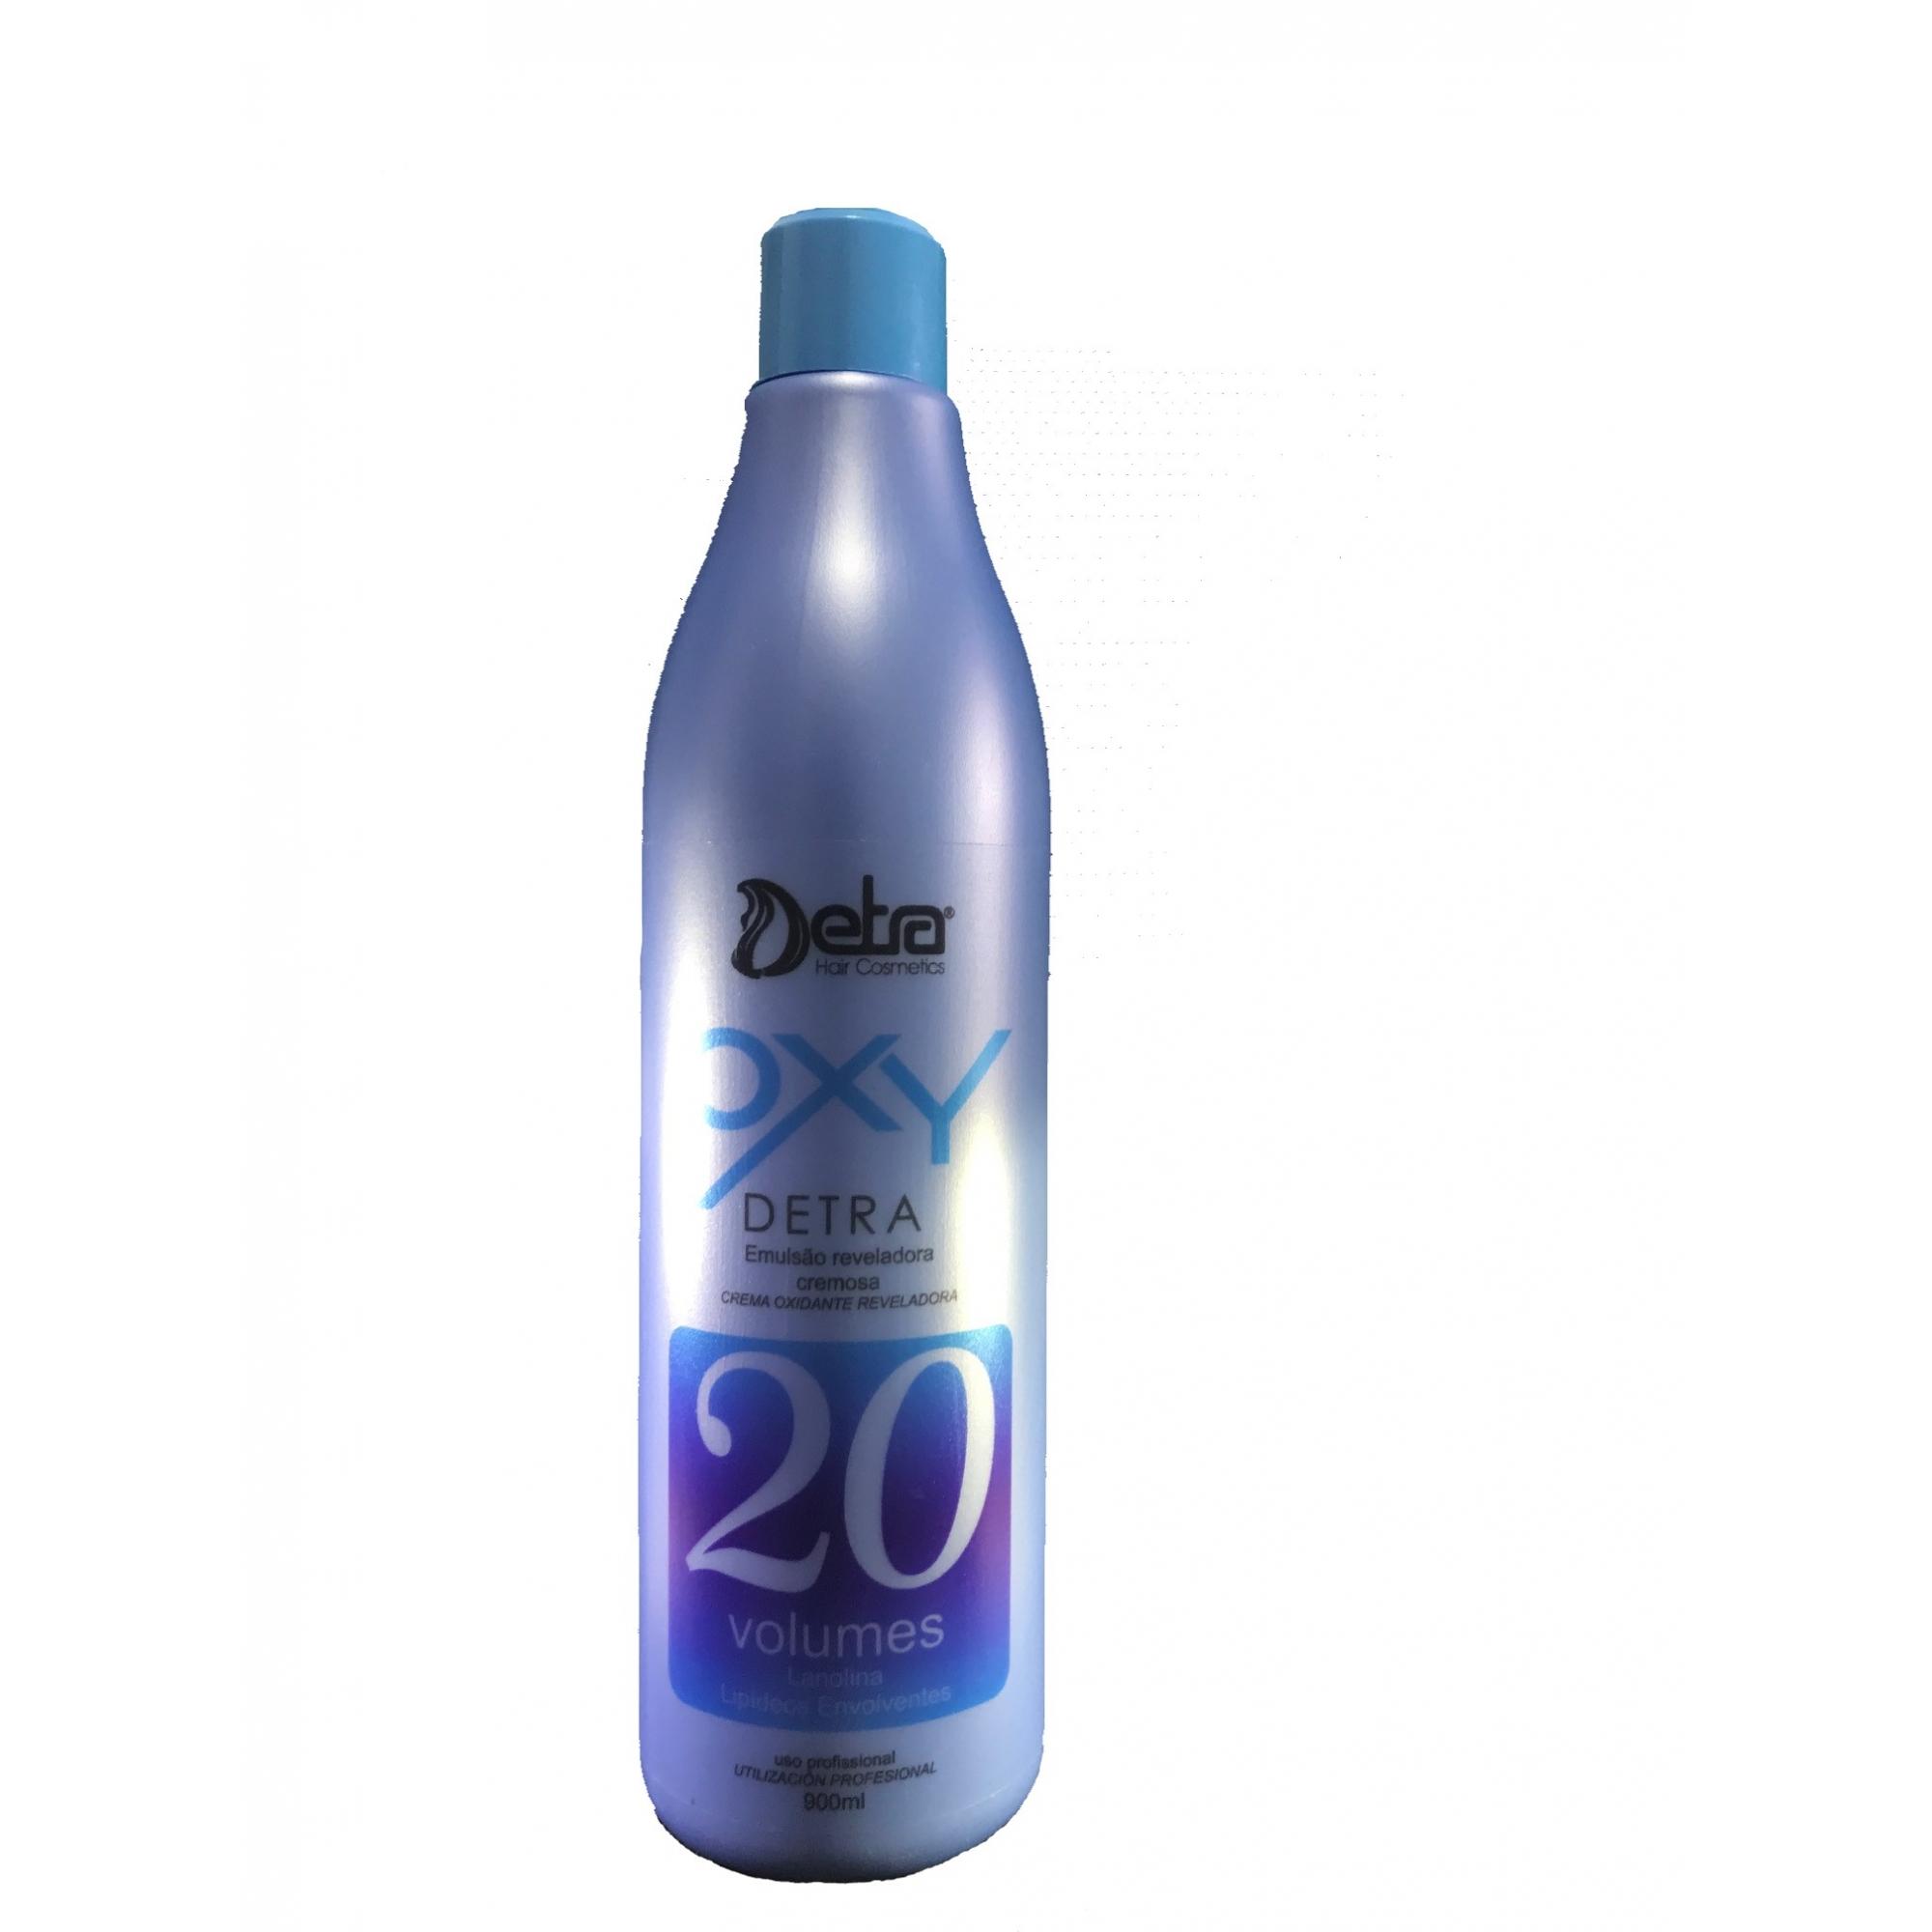 OXY - 20 - Detra